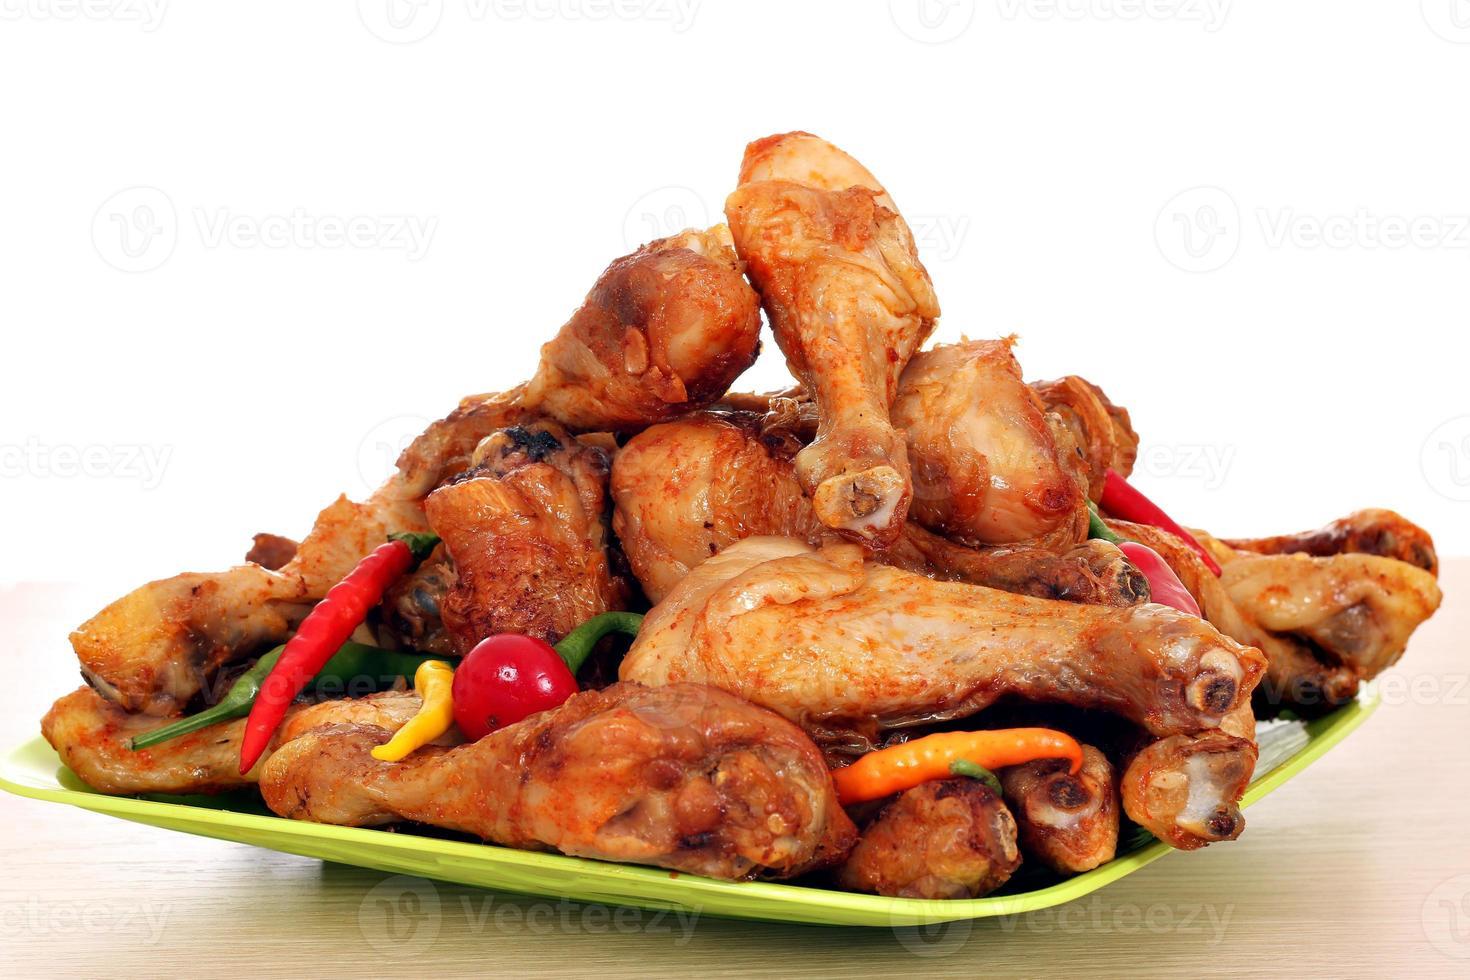 rostade kycklingtrumpinnar på plattan foto